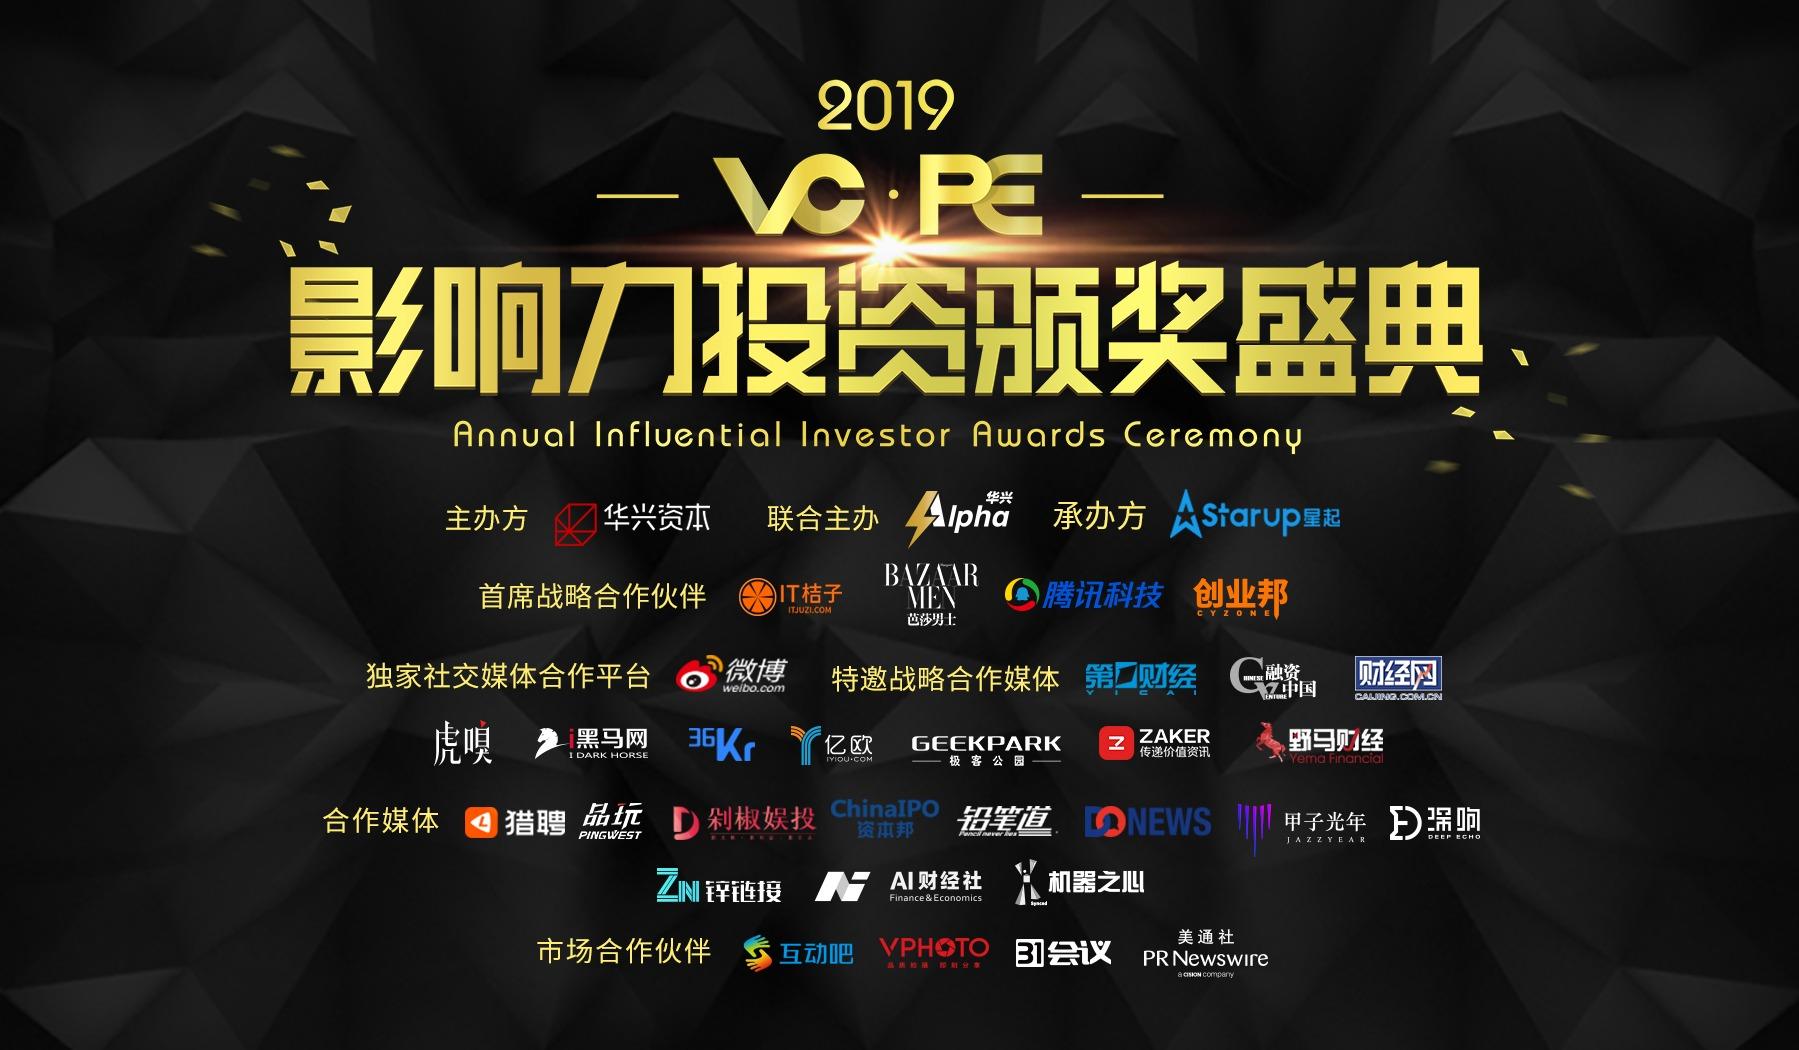 2019年度VC·PE影响力投资榜单颁奖盛典